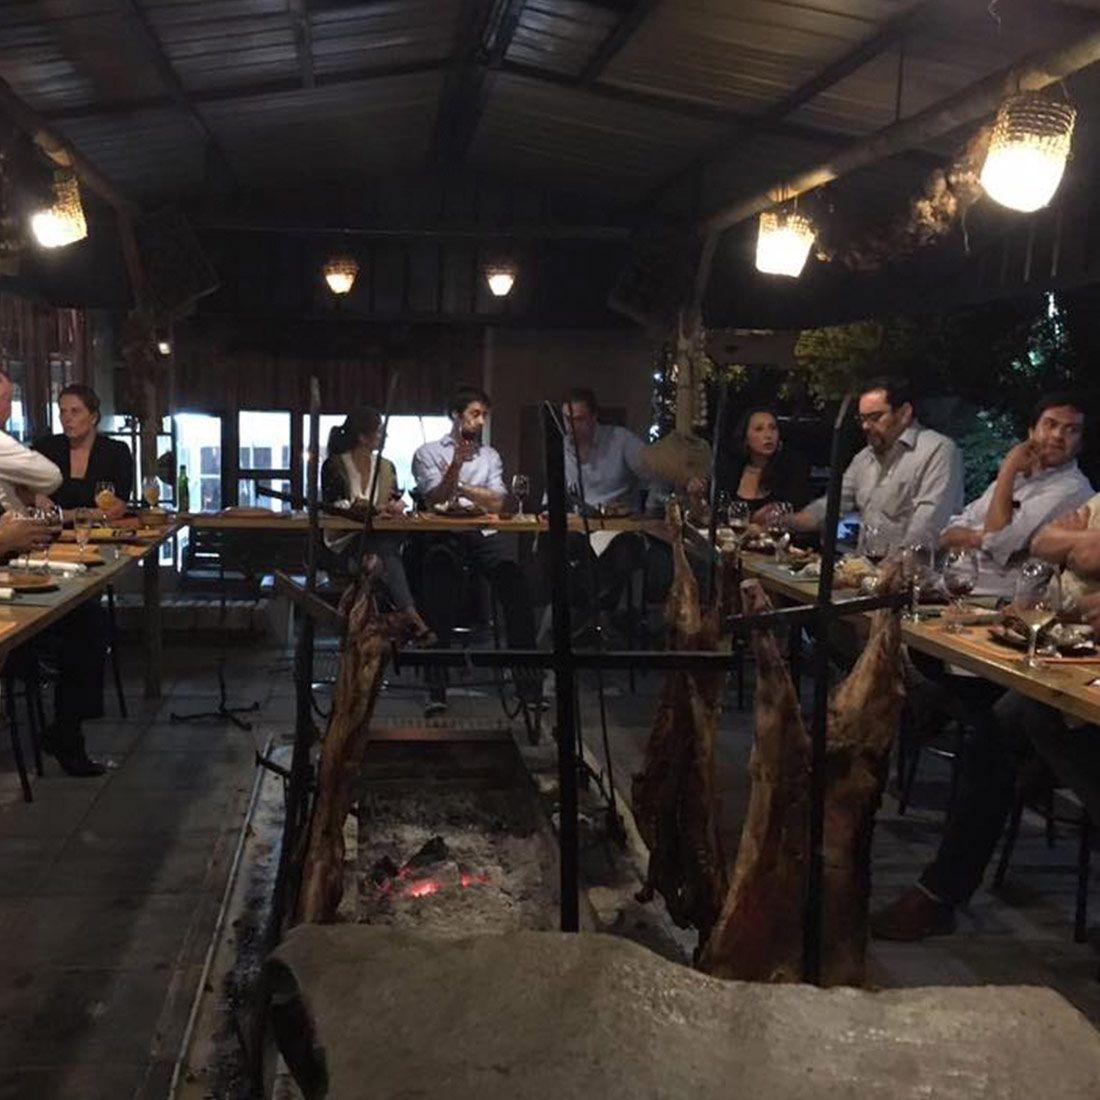 EL MESON DE LA PATAGONIA Restaurante - Reserva en restaurantes de Comida CARNES - LO BARNECHEA - MESA 24/7 | SANTIAGO - Perú